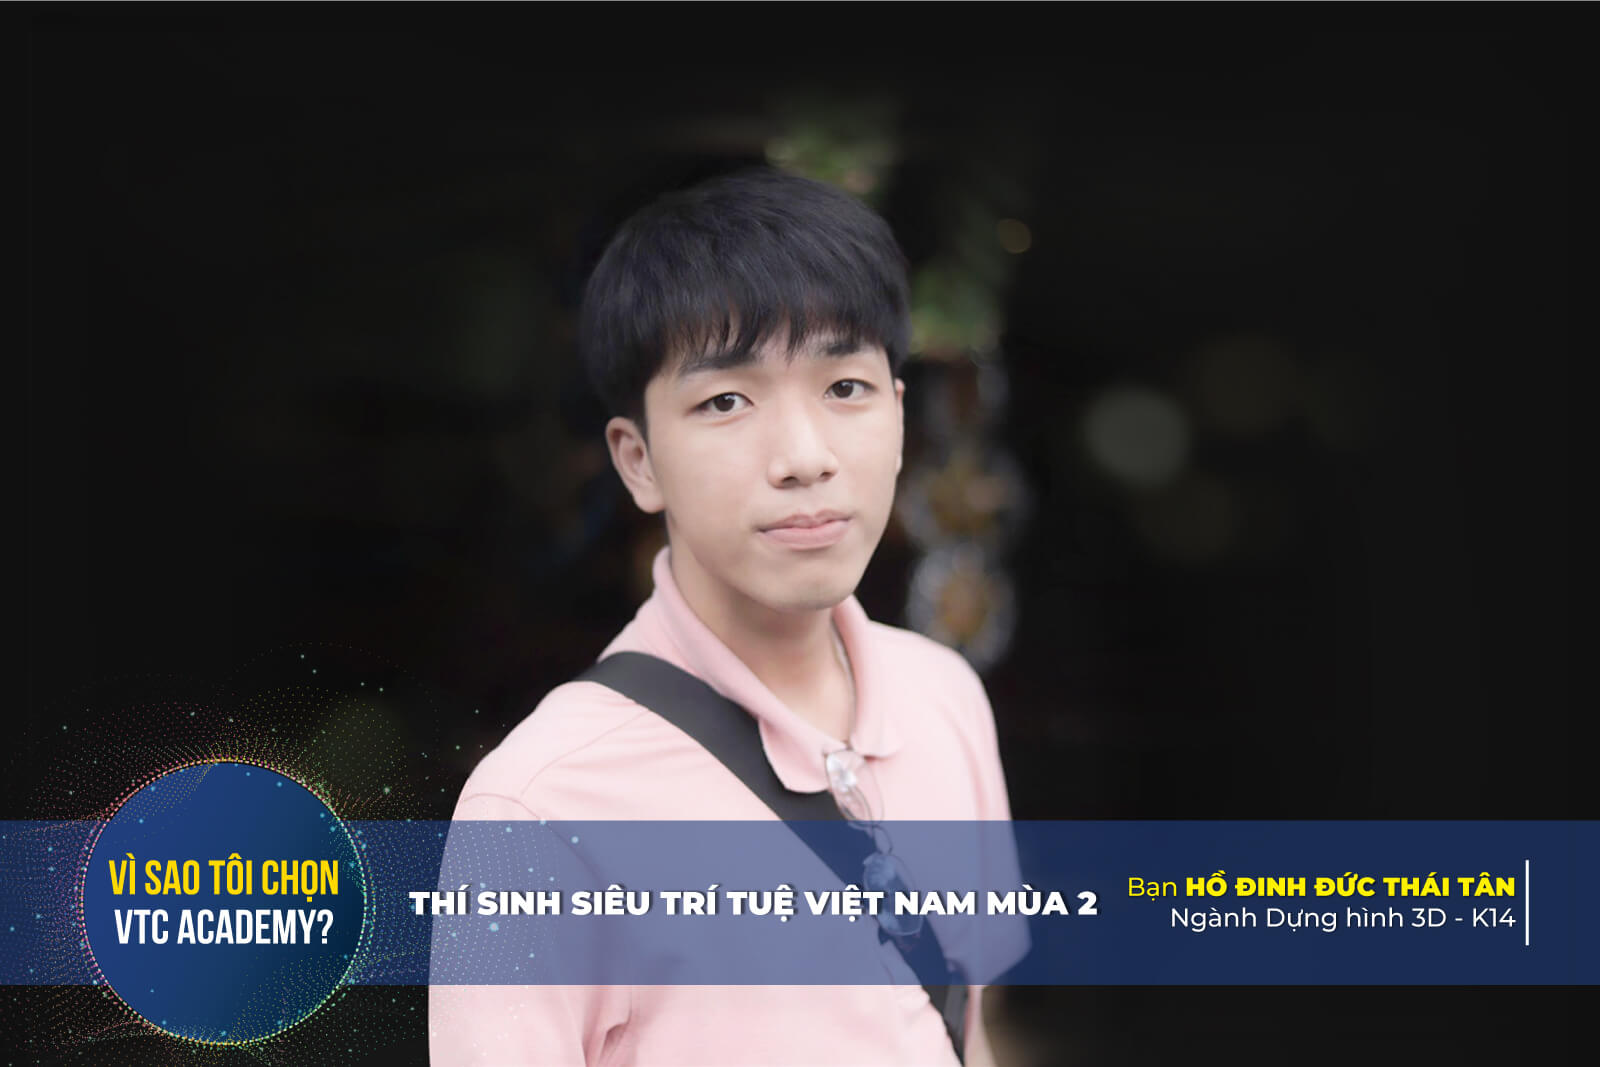 """""""Thiên lý nhãn"""" tại Siêu trí tuệ Việt Nam mùa 2: """"VTC Academy là nơi truyền cho tôi cảm hứng với nghề Dựng hình 3D"""""""